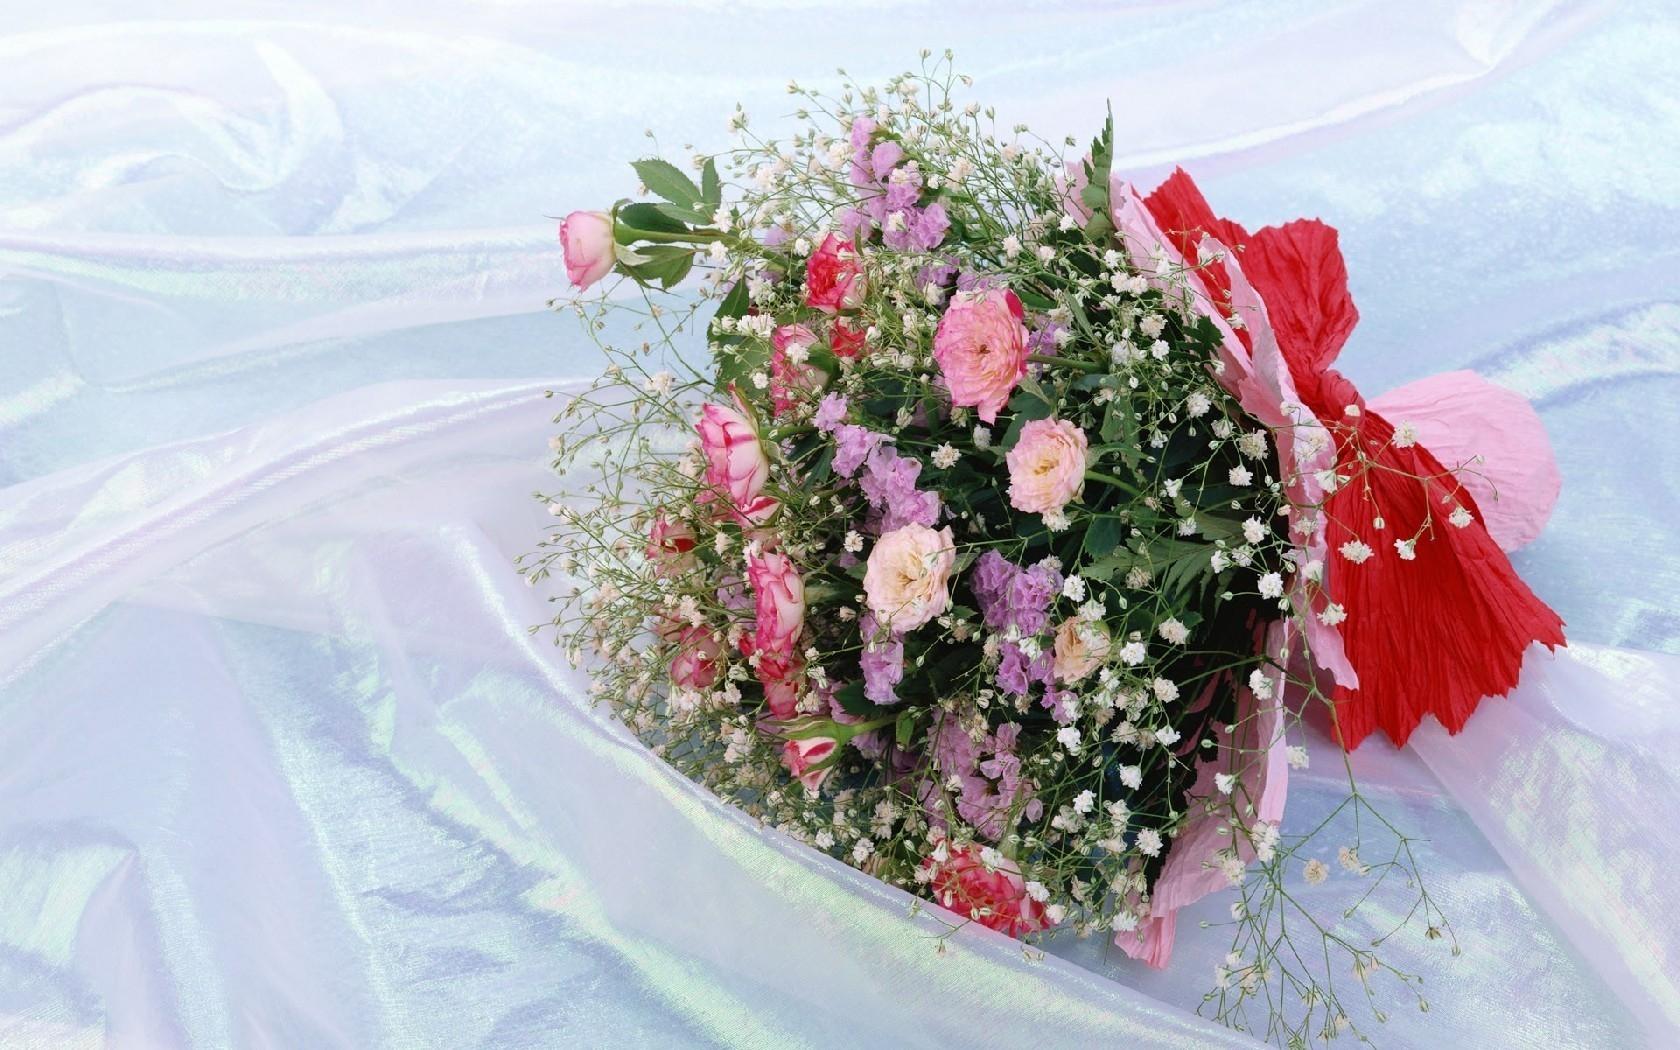 небесных цветы фото красивые букеты на снегу настасья